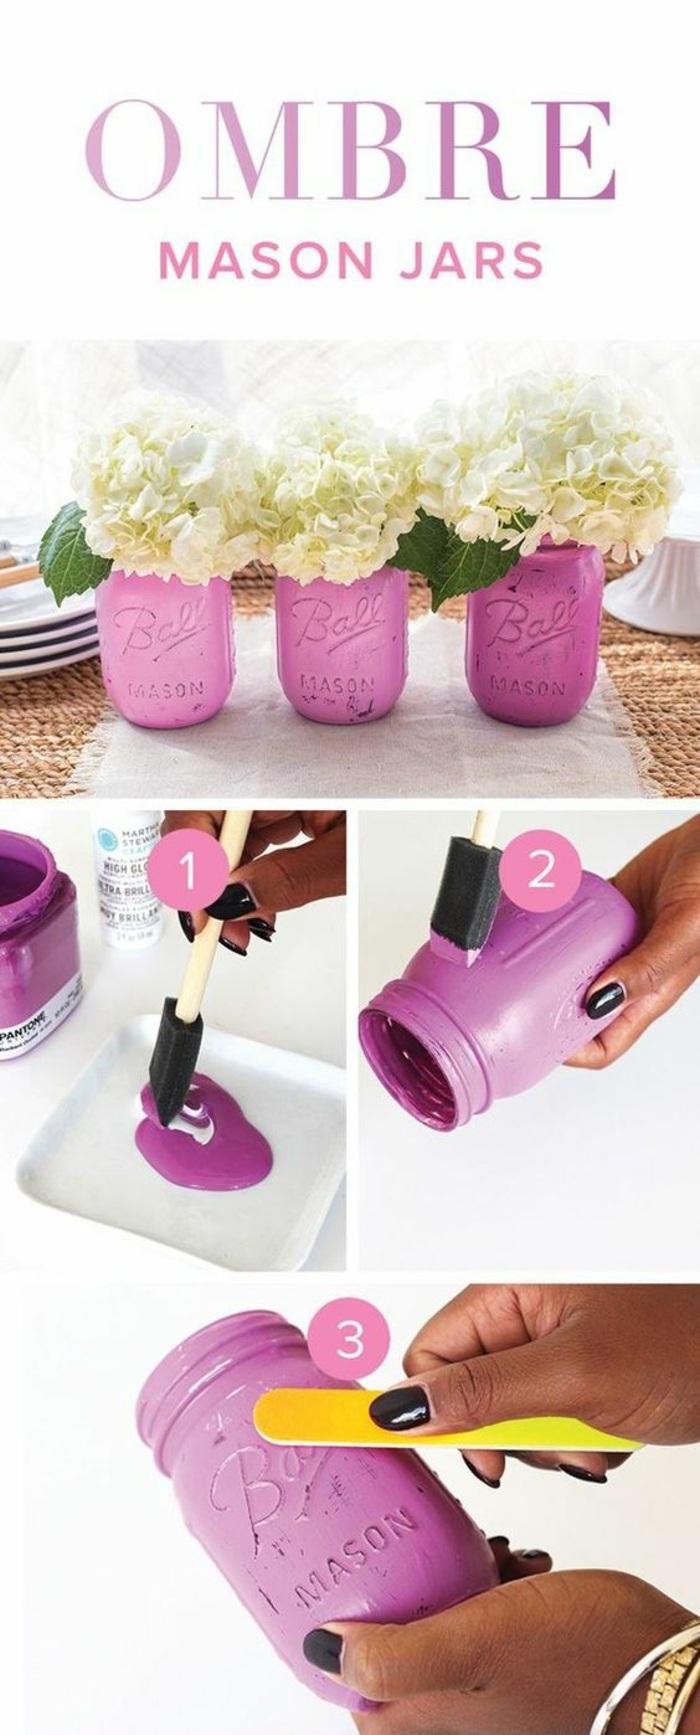 floreros decorativos pintados en efecto ombre, decoración casera paso a paso, jarrones pintados en color rosado